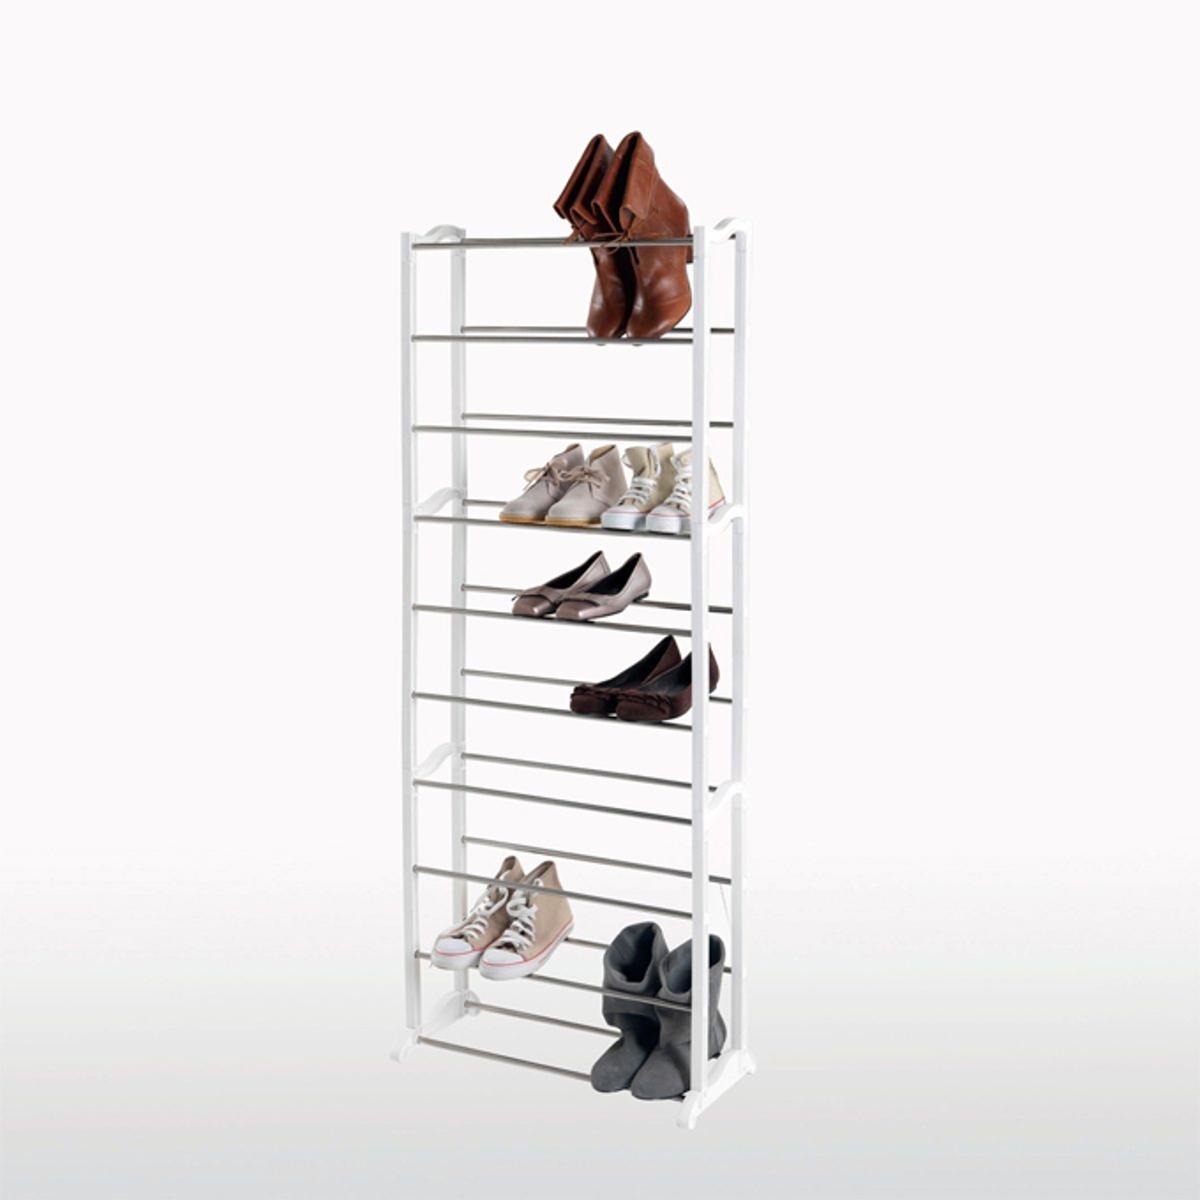 Полка модульная для обуви SCALLEМаксимальная вместимость при минимальных размерах ! Позволяет удобно и наглядно разместить до 30 пар обуви ! Эта полка создана специально для небольших помещений (коридор, кладовка...). Описание полки для обуви SCALLE :- Рейки из стали и боковые детали из белого полимера.- 10 уровней.- Объем : До 30 пар обуви.- Легко и быстро собрать и переместить.Полка готова к сборке в соответствии с прилагающейся инструкцией.Размеры :- Ш.54,7 x В.142,4 x Г.25,3 см..<br><br>Цвет: белый<br>Размер: единый размер